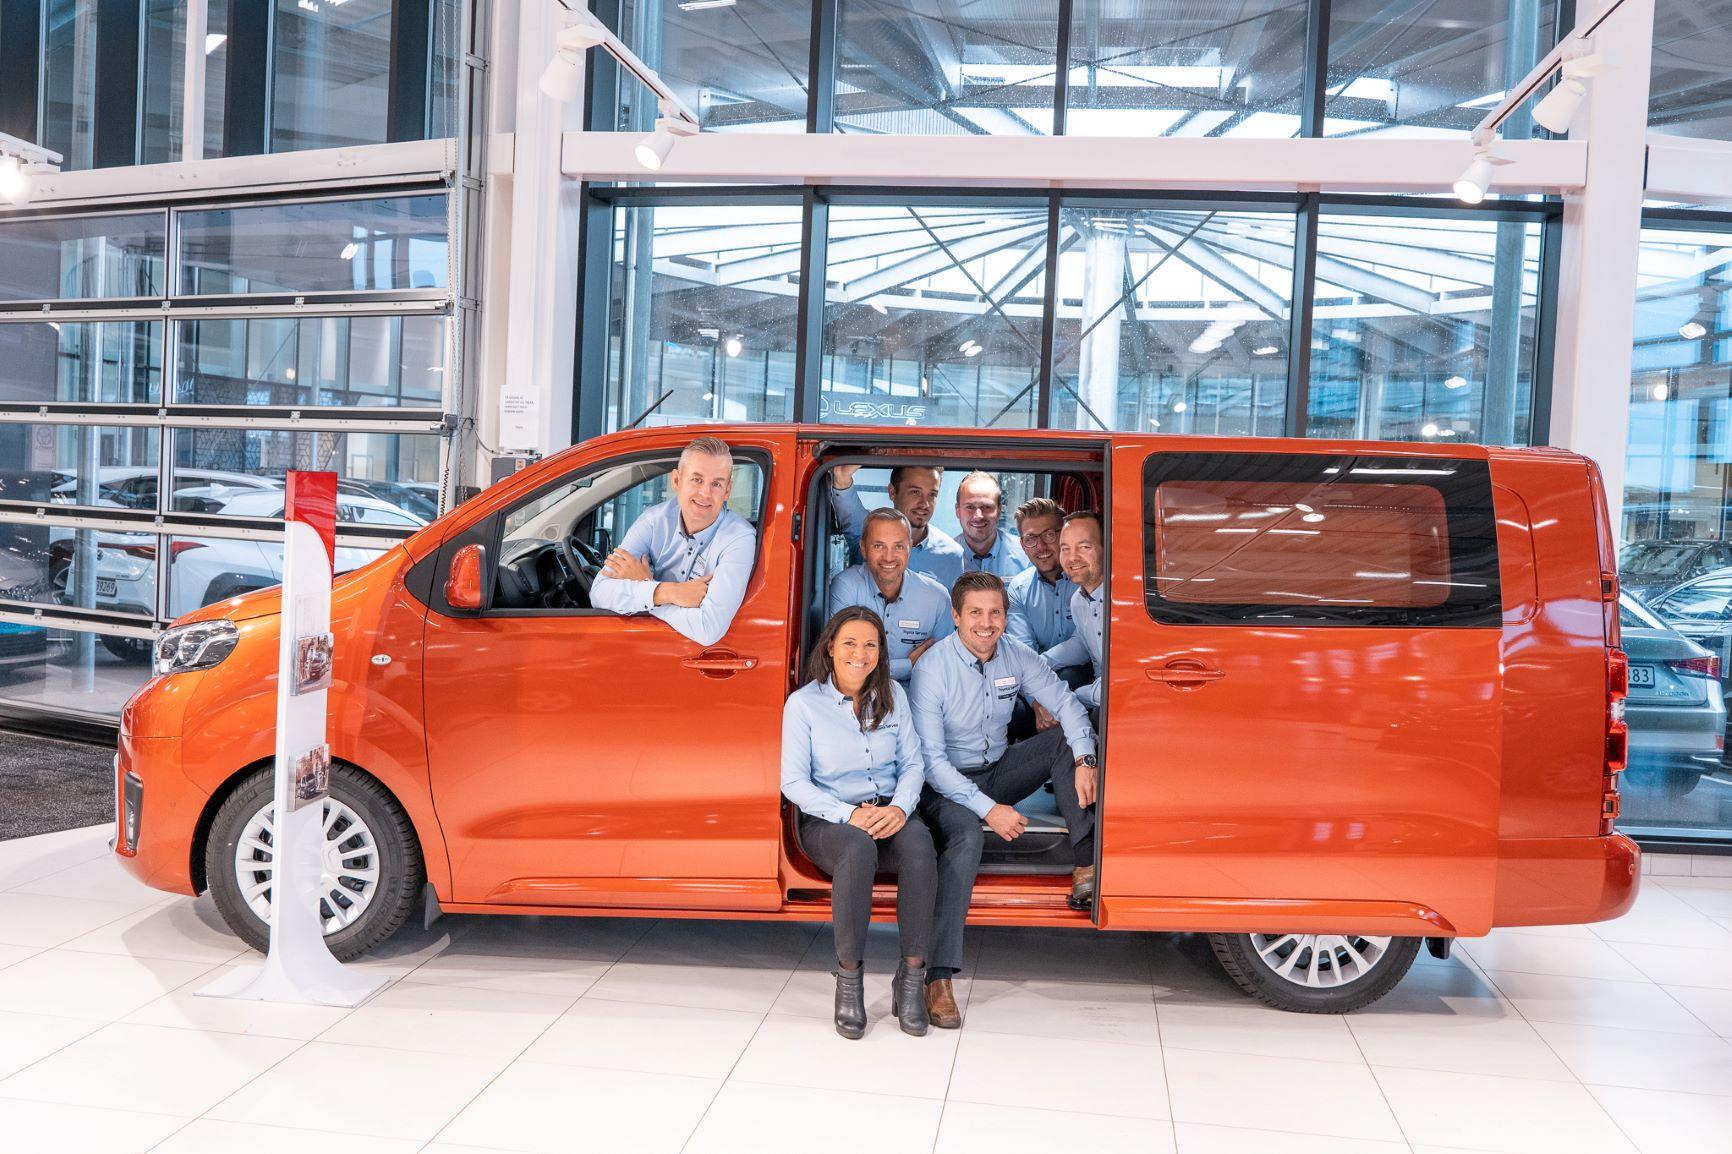 Gjengen fra Toyota Sørvest i en varebil fra Toyota